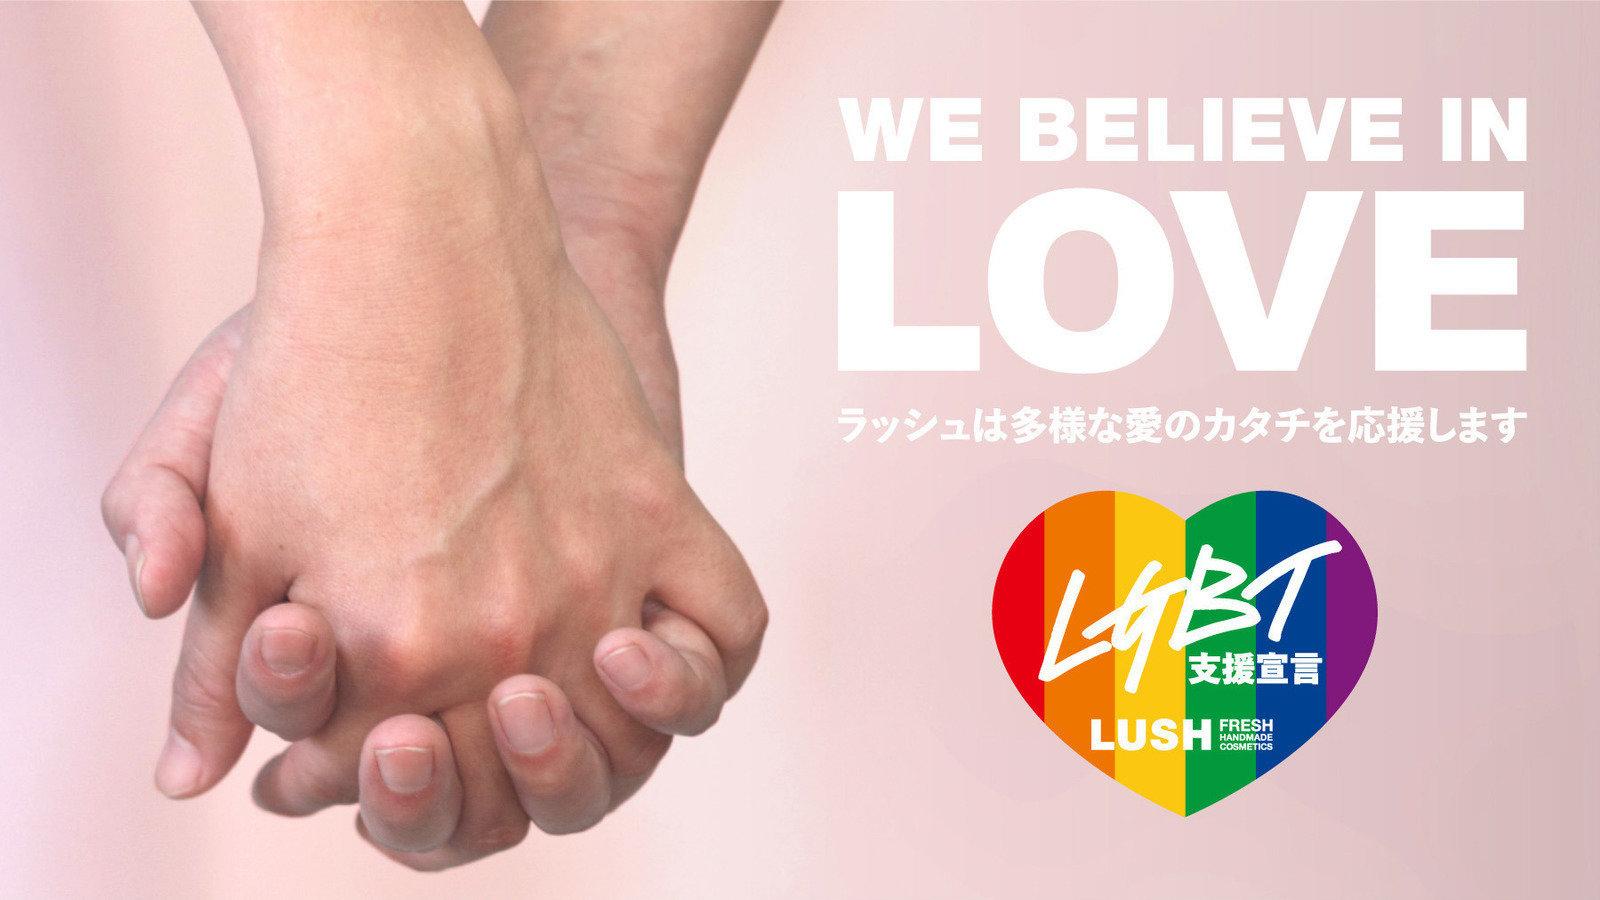 日本国内で広がる行政によるLGBT支援の取り組みを応援します!